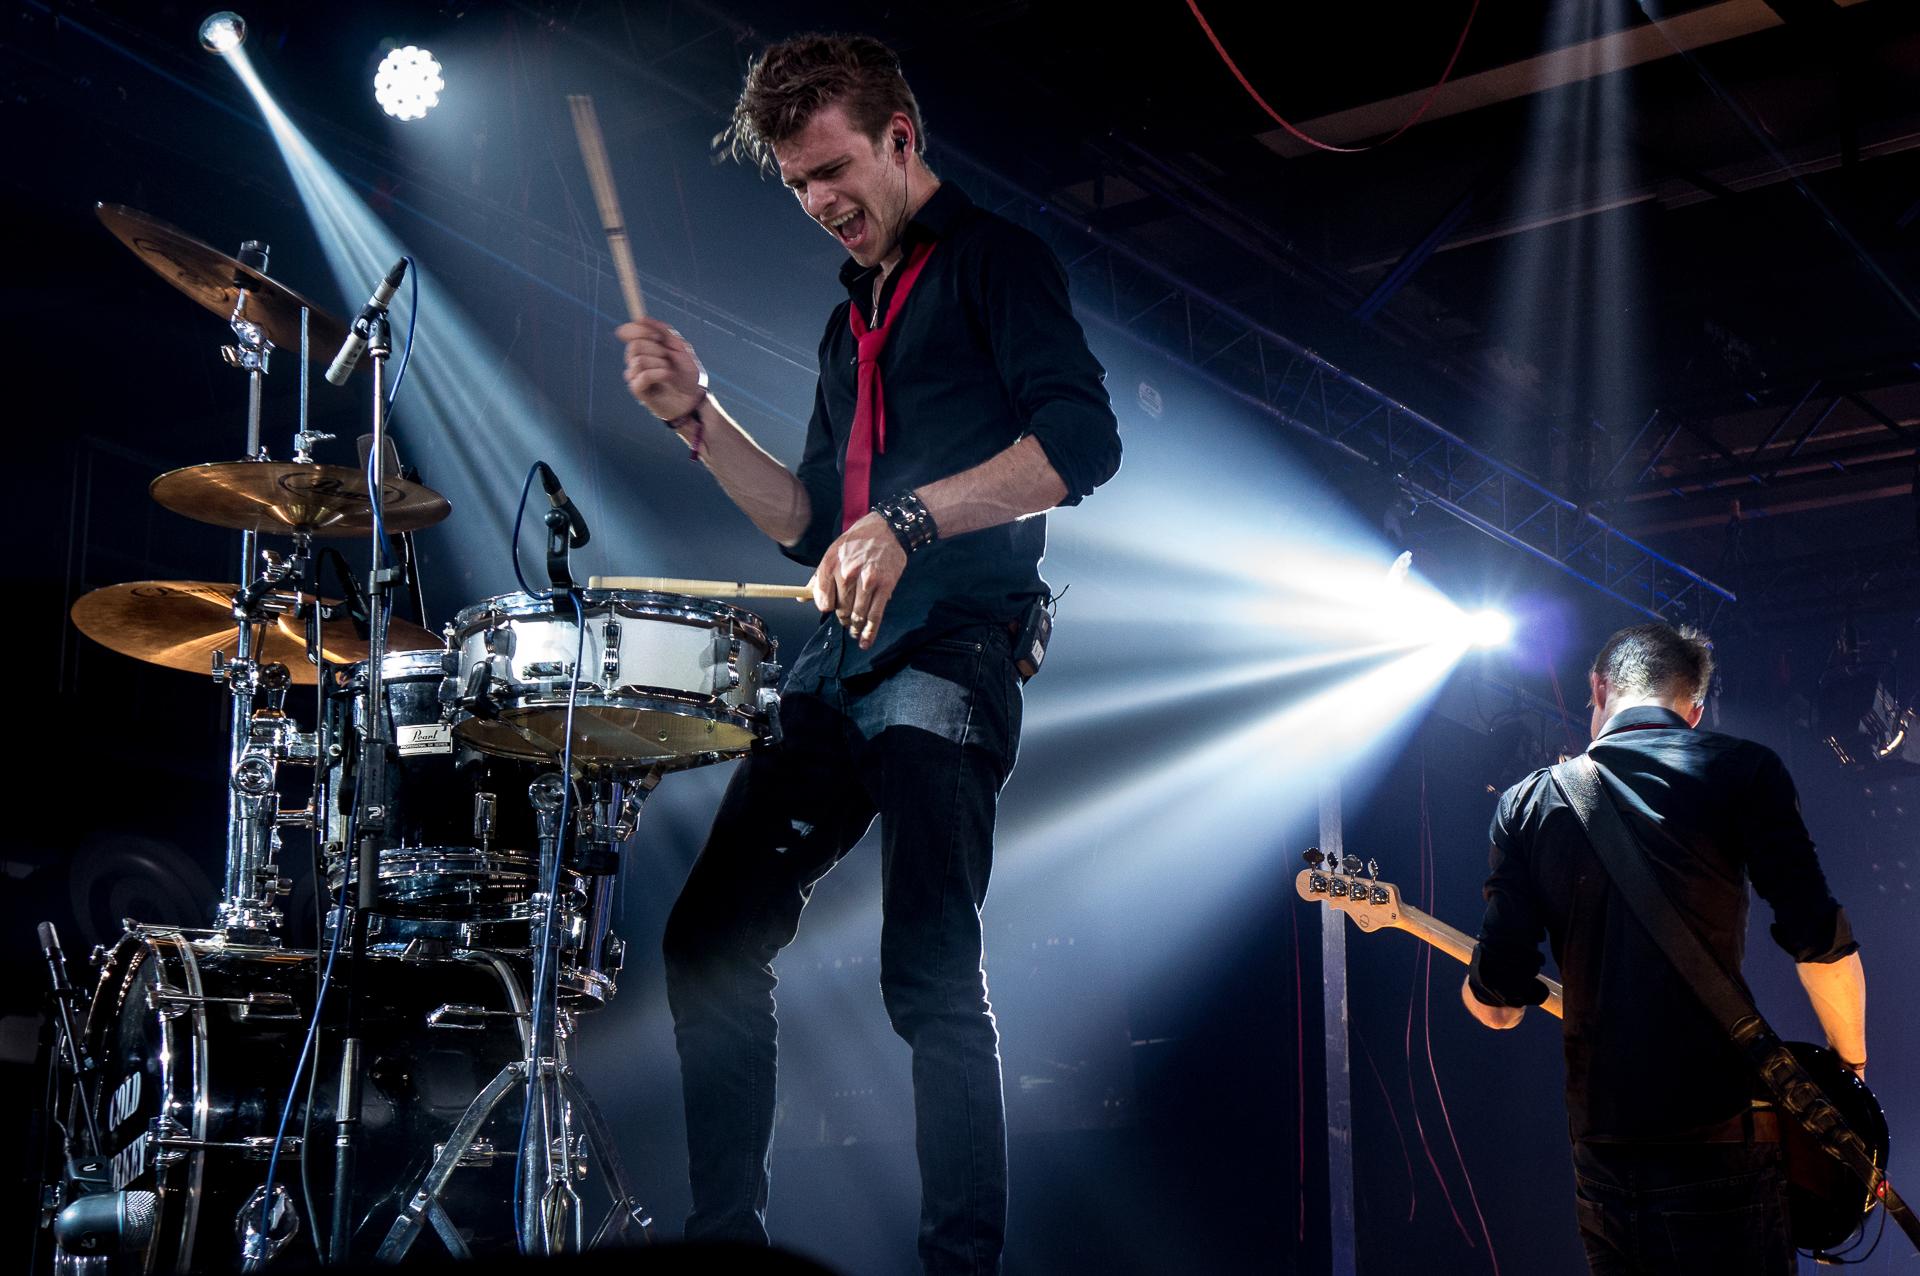 Drummer Boris Piscaer